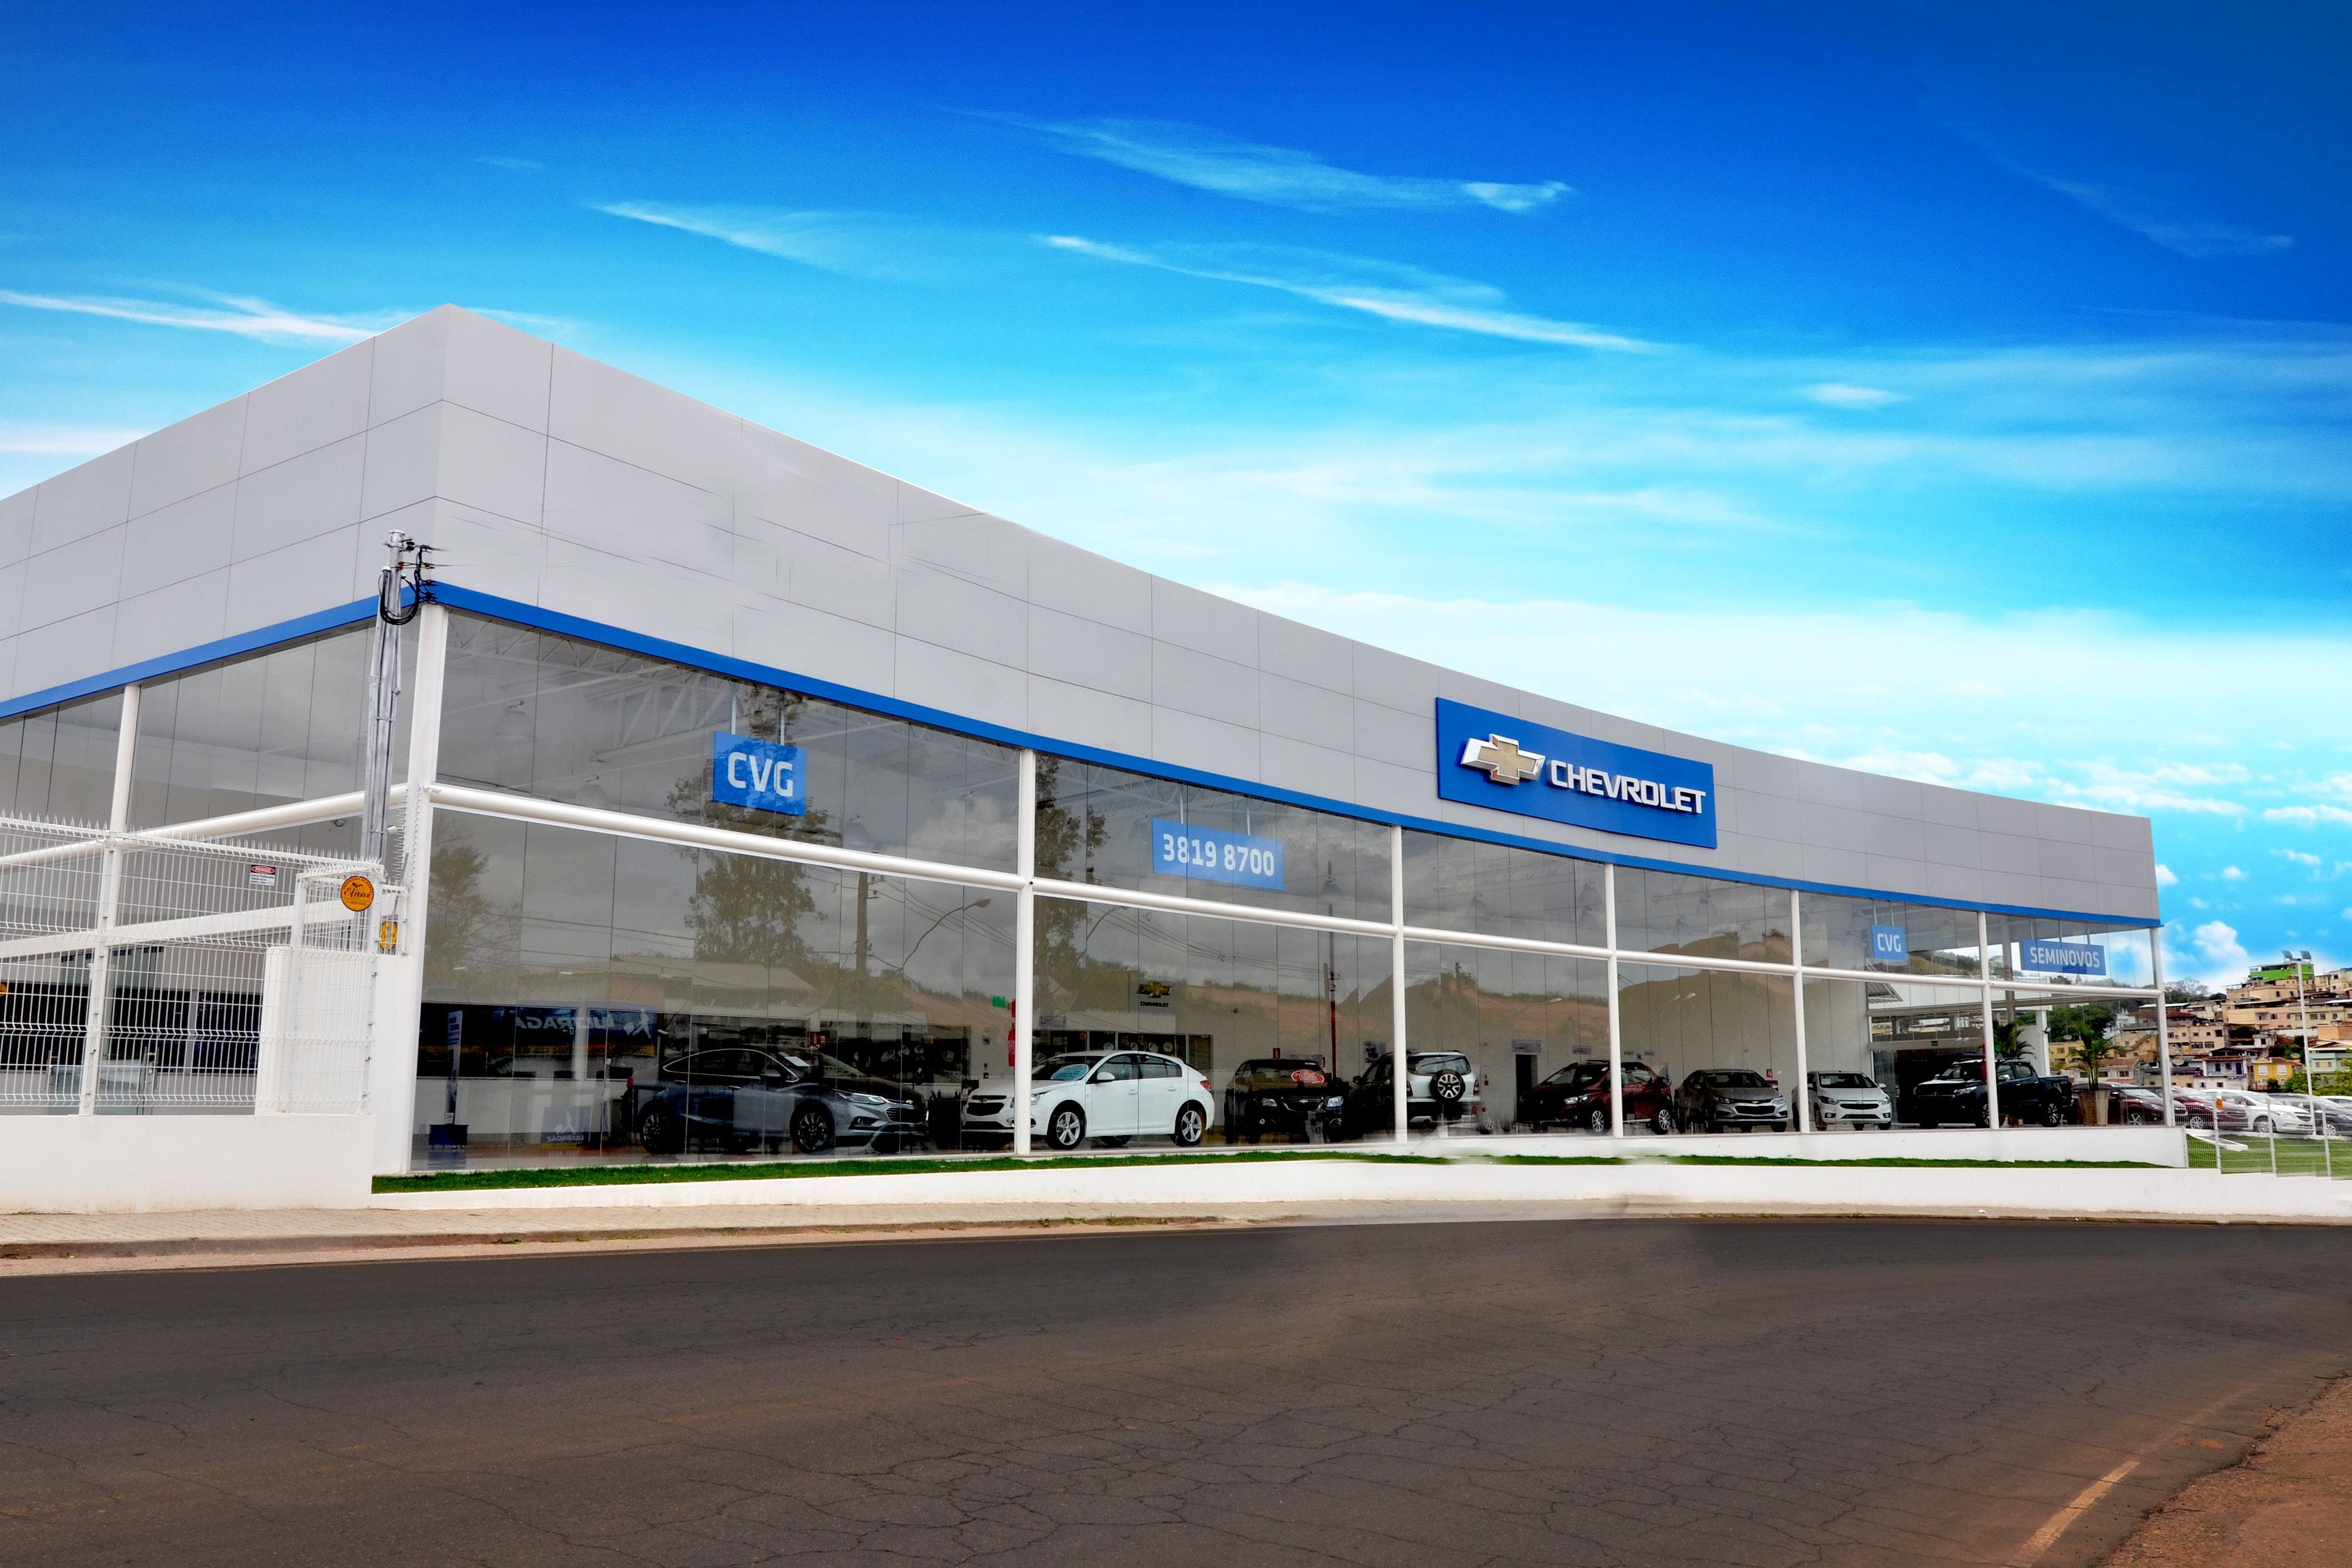 Fachada Concessionária Chevrolet CVG